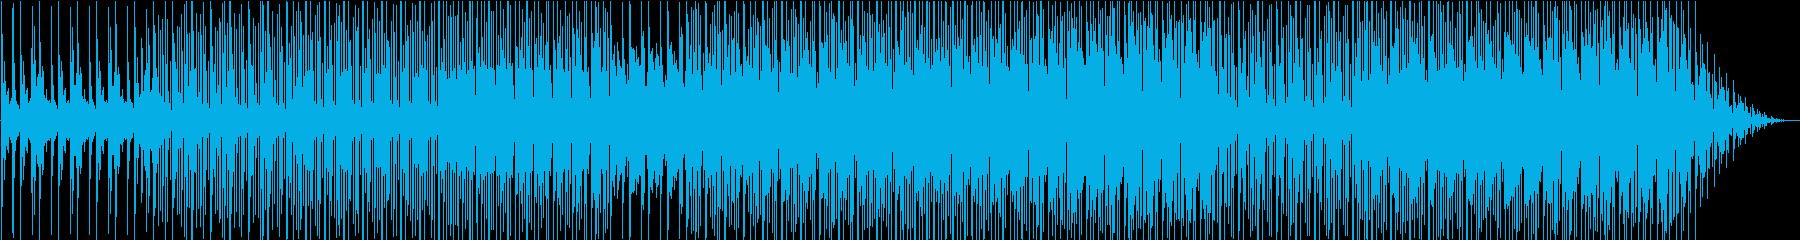 今にも変われそうな雰囲気のエレクトロニカの再生済みの波形